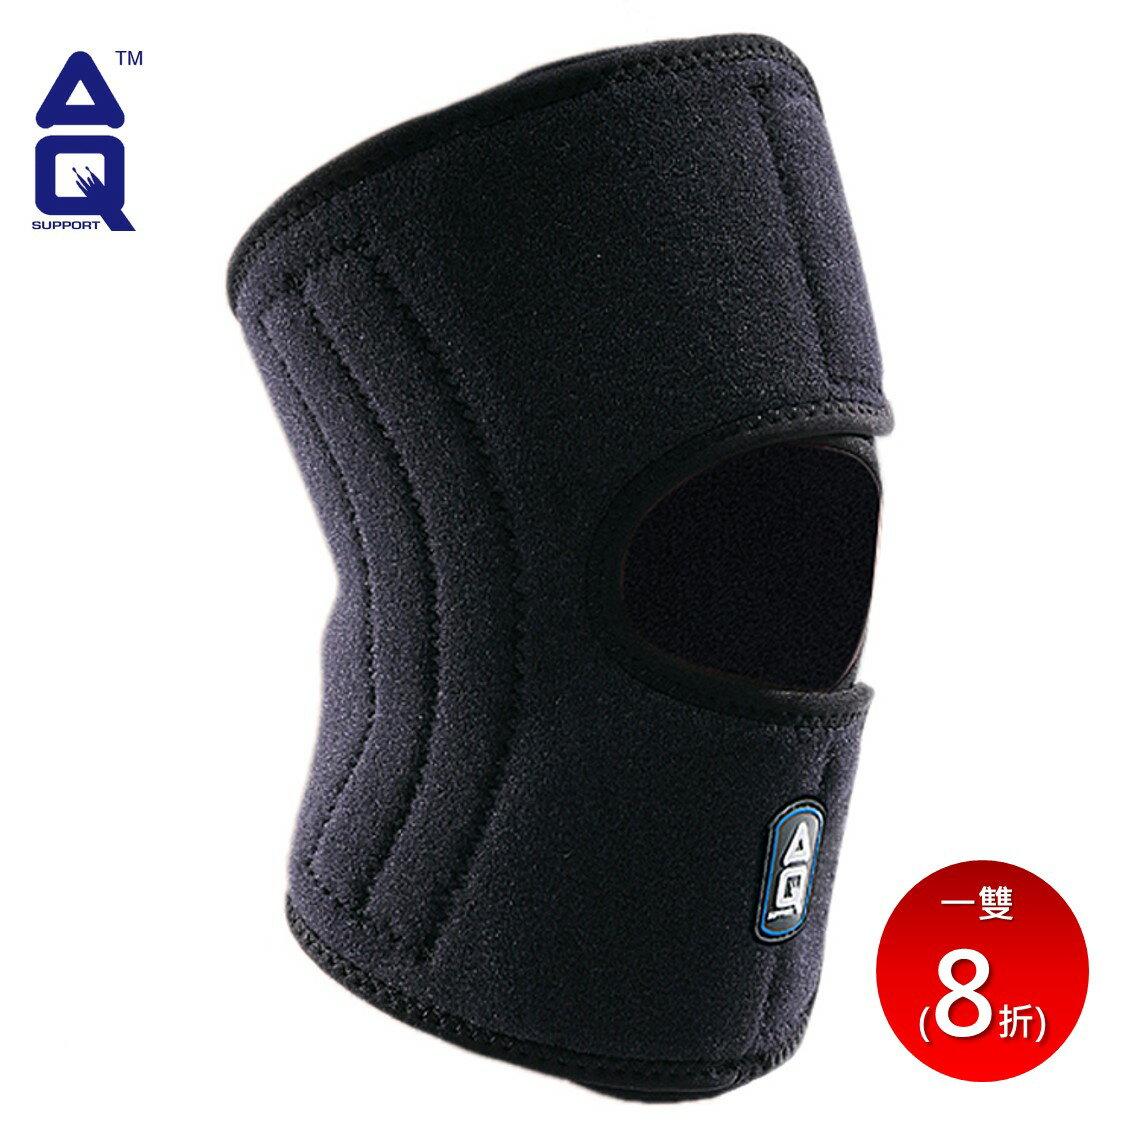 韌帶防護護膝 (型號:5053SP) 護具 一雙(8折)  運動護具 護膝 AQ SUPPORT 14天免費退換貨